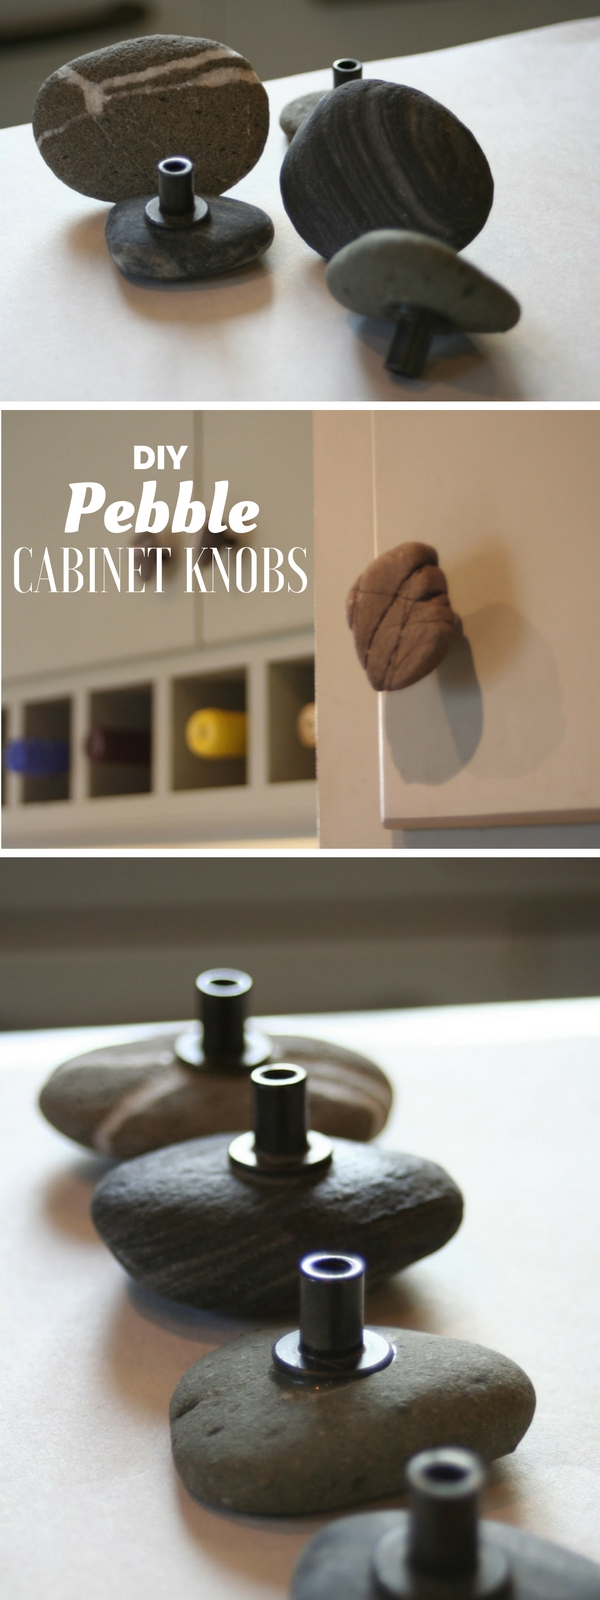 12. DIY Pebble Cabinet Knobs